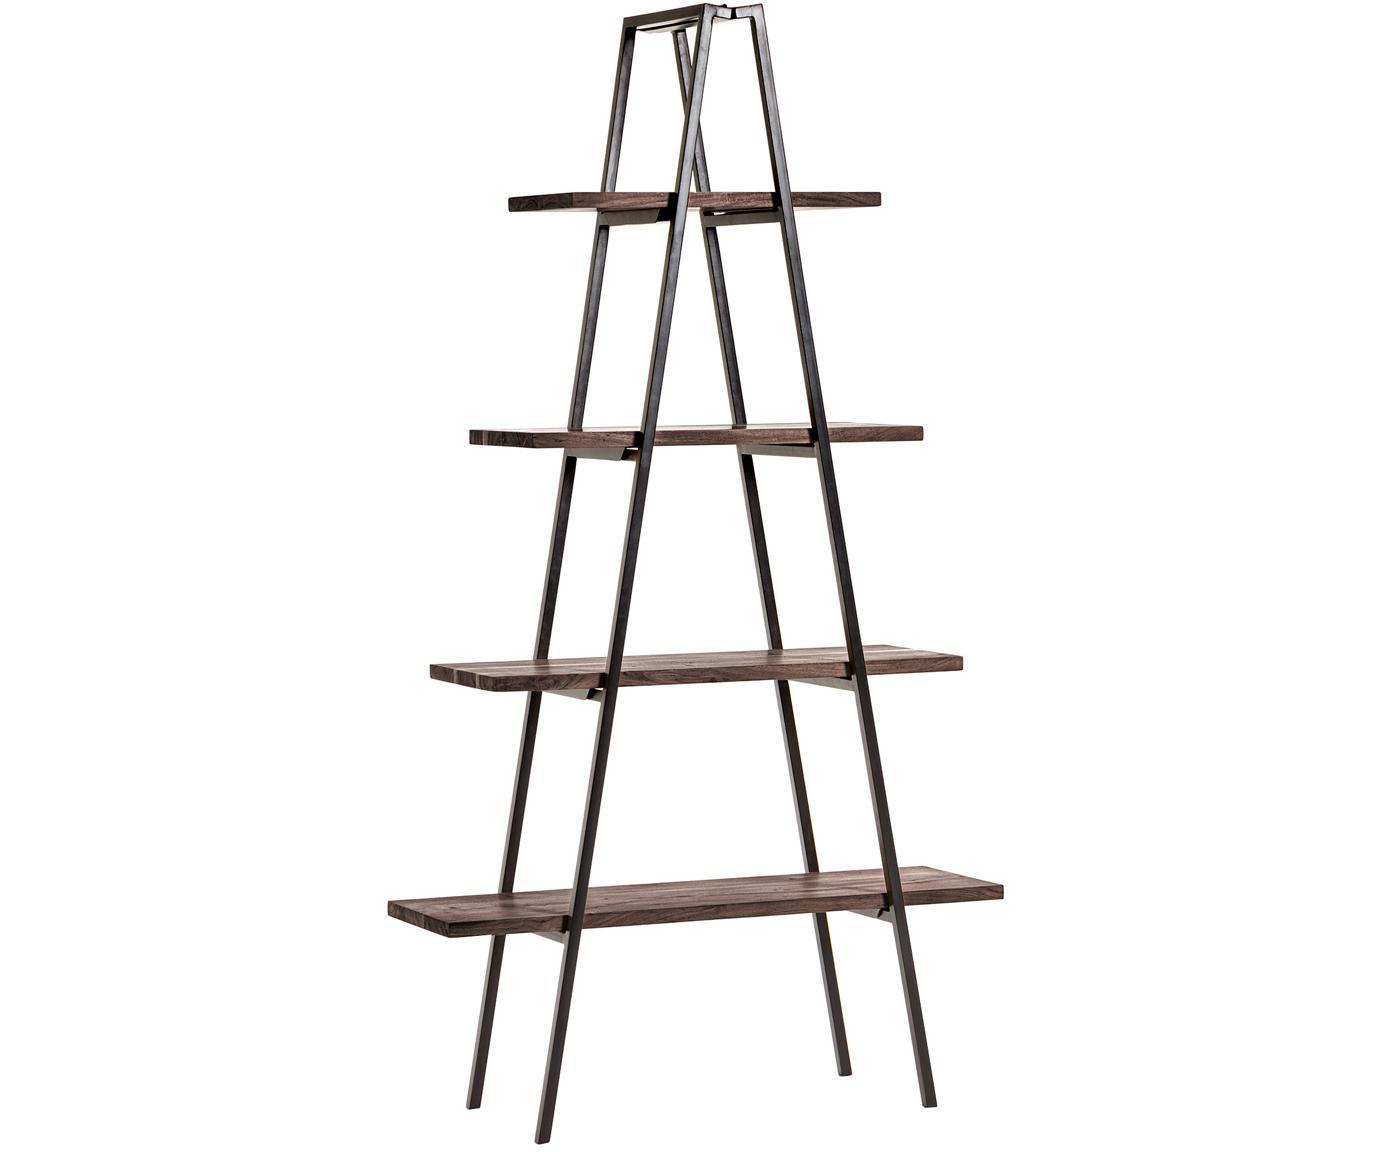 Regal Delaia im Industrial Design, Holz, Metall, Dunkelbraun, Schwarz, 100 x 185 cm